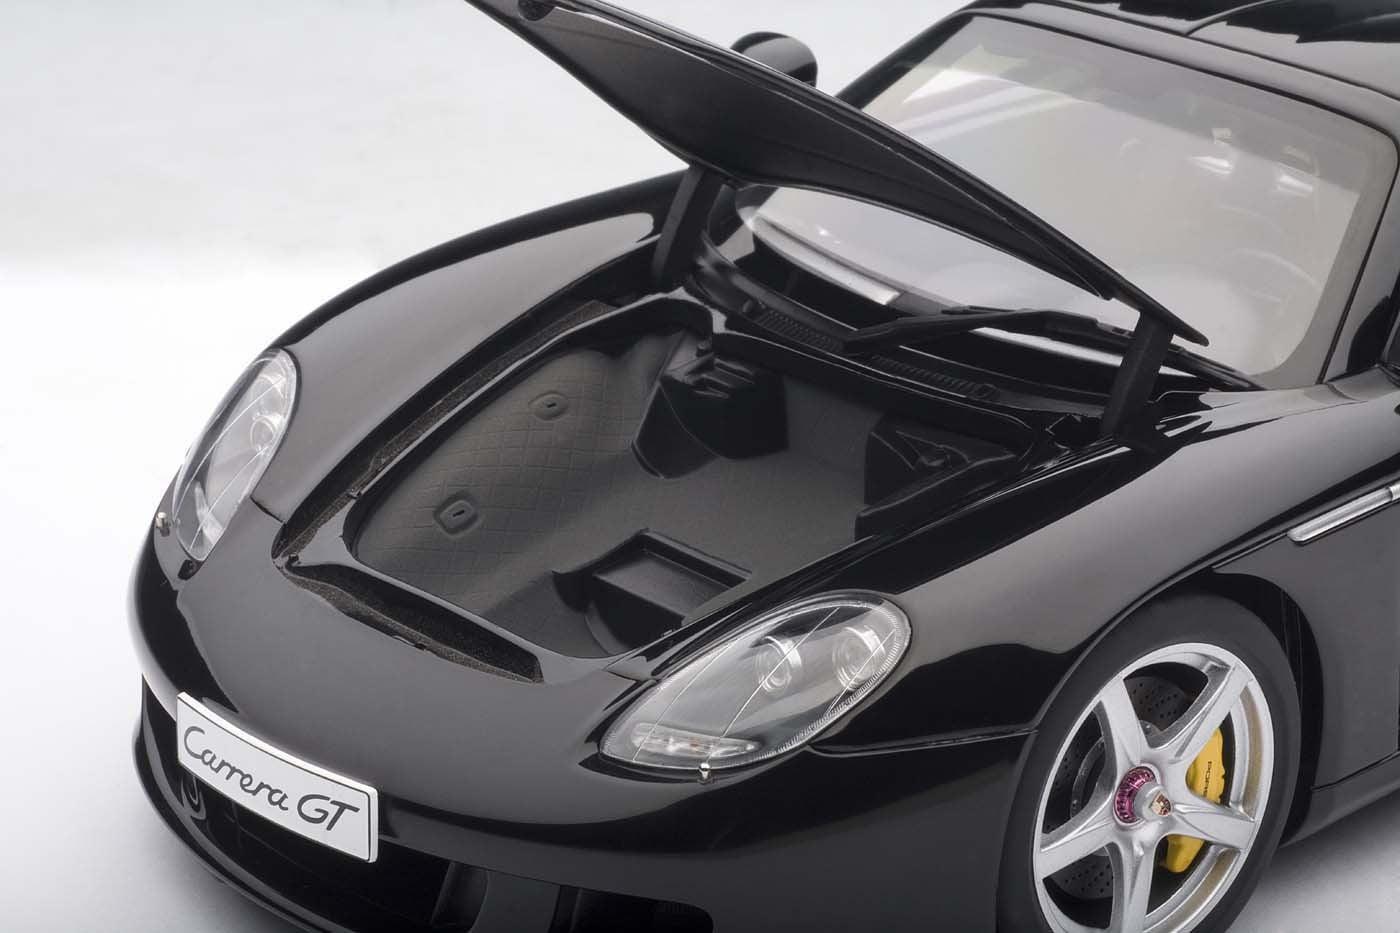 Porsche Carrera Gt Miniature on porsche ruf ctr, porsche truck, porsche concept, porsche gt3, porsche turbo, porsche macan, porsche boxter, porsche gt3rs, porsche gt 2, porsche 904 gts, porsche sport, porsche cayman, porsche boxster, porsche gtr3, porsche mirage, porsche cayenne,